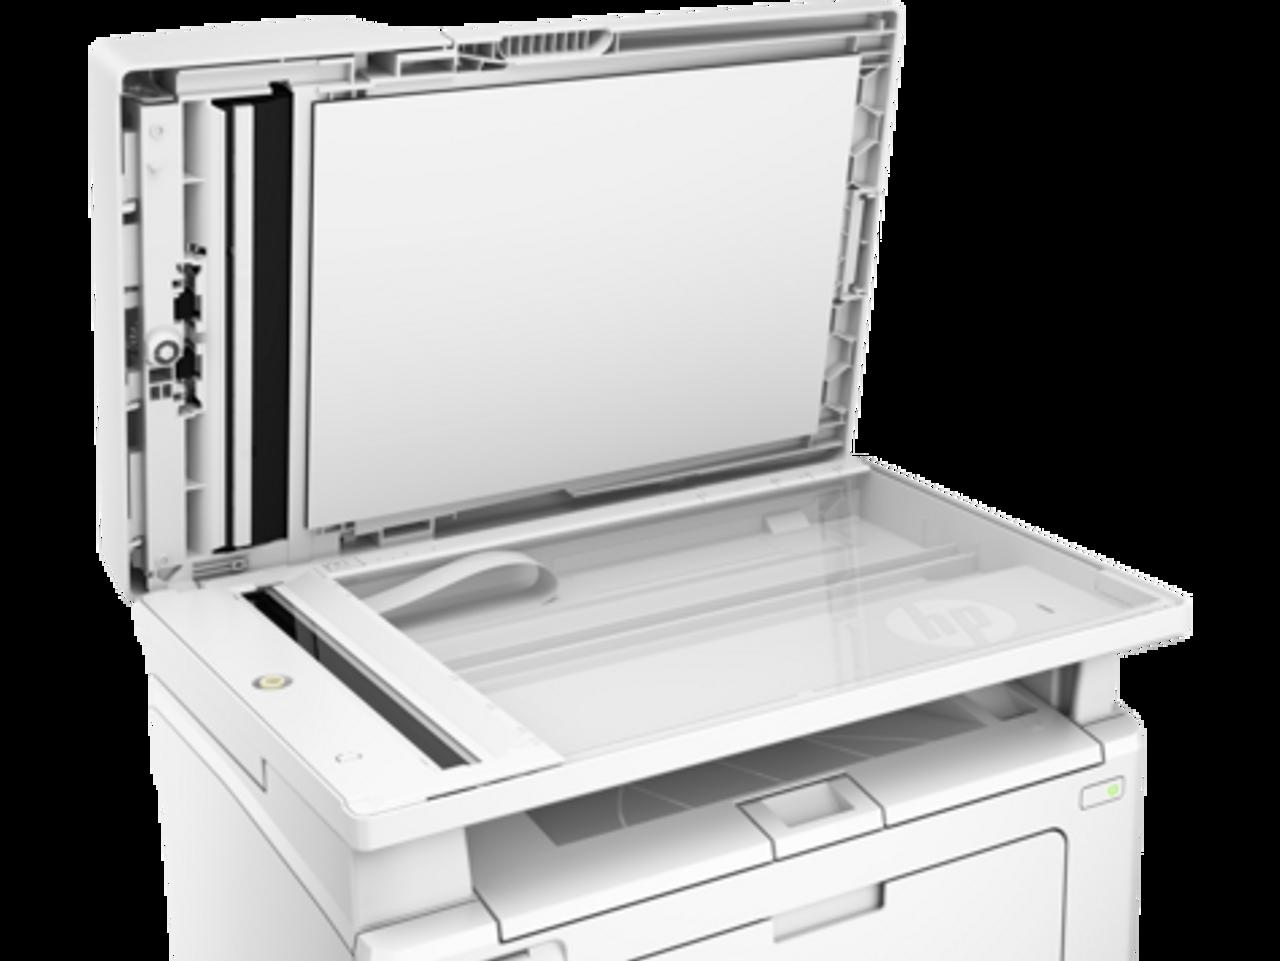 Printer HP LaserJet Pro MFP M130fn (G3Q59A)